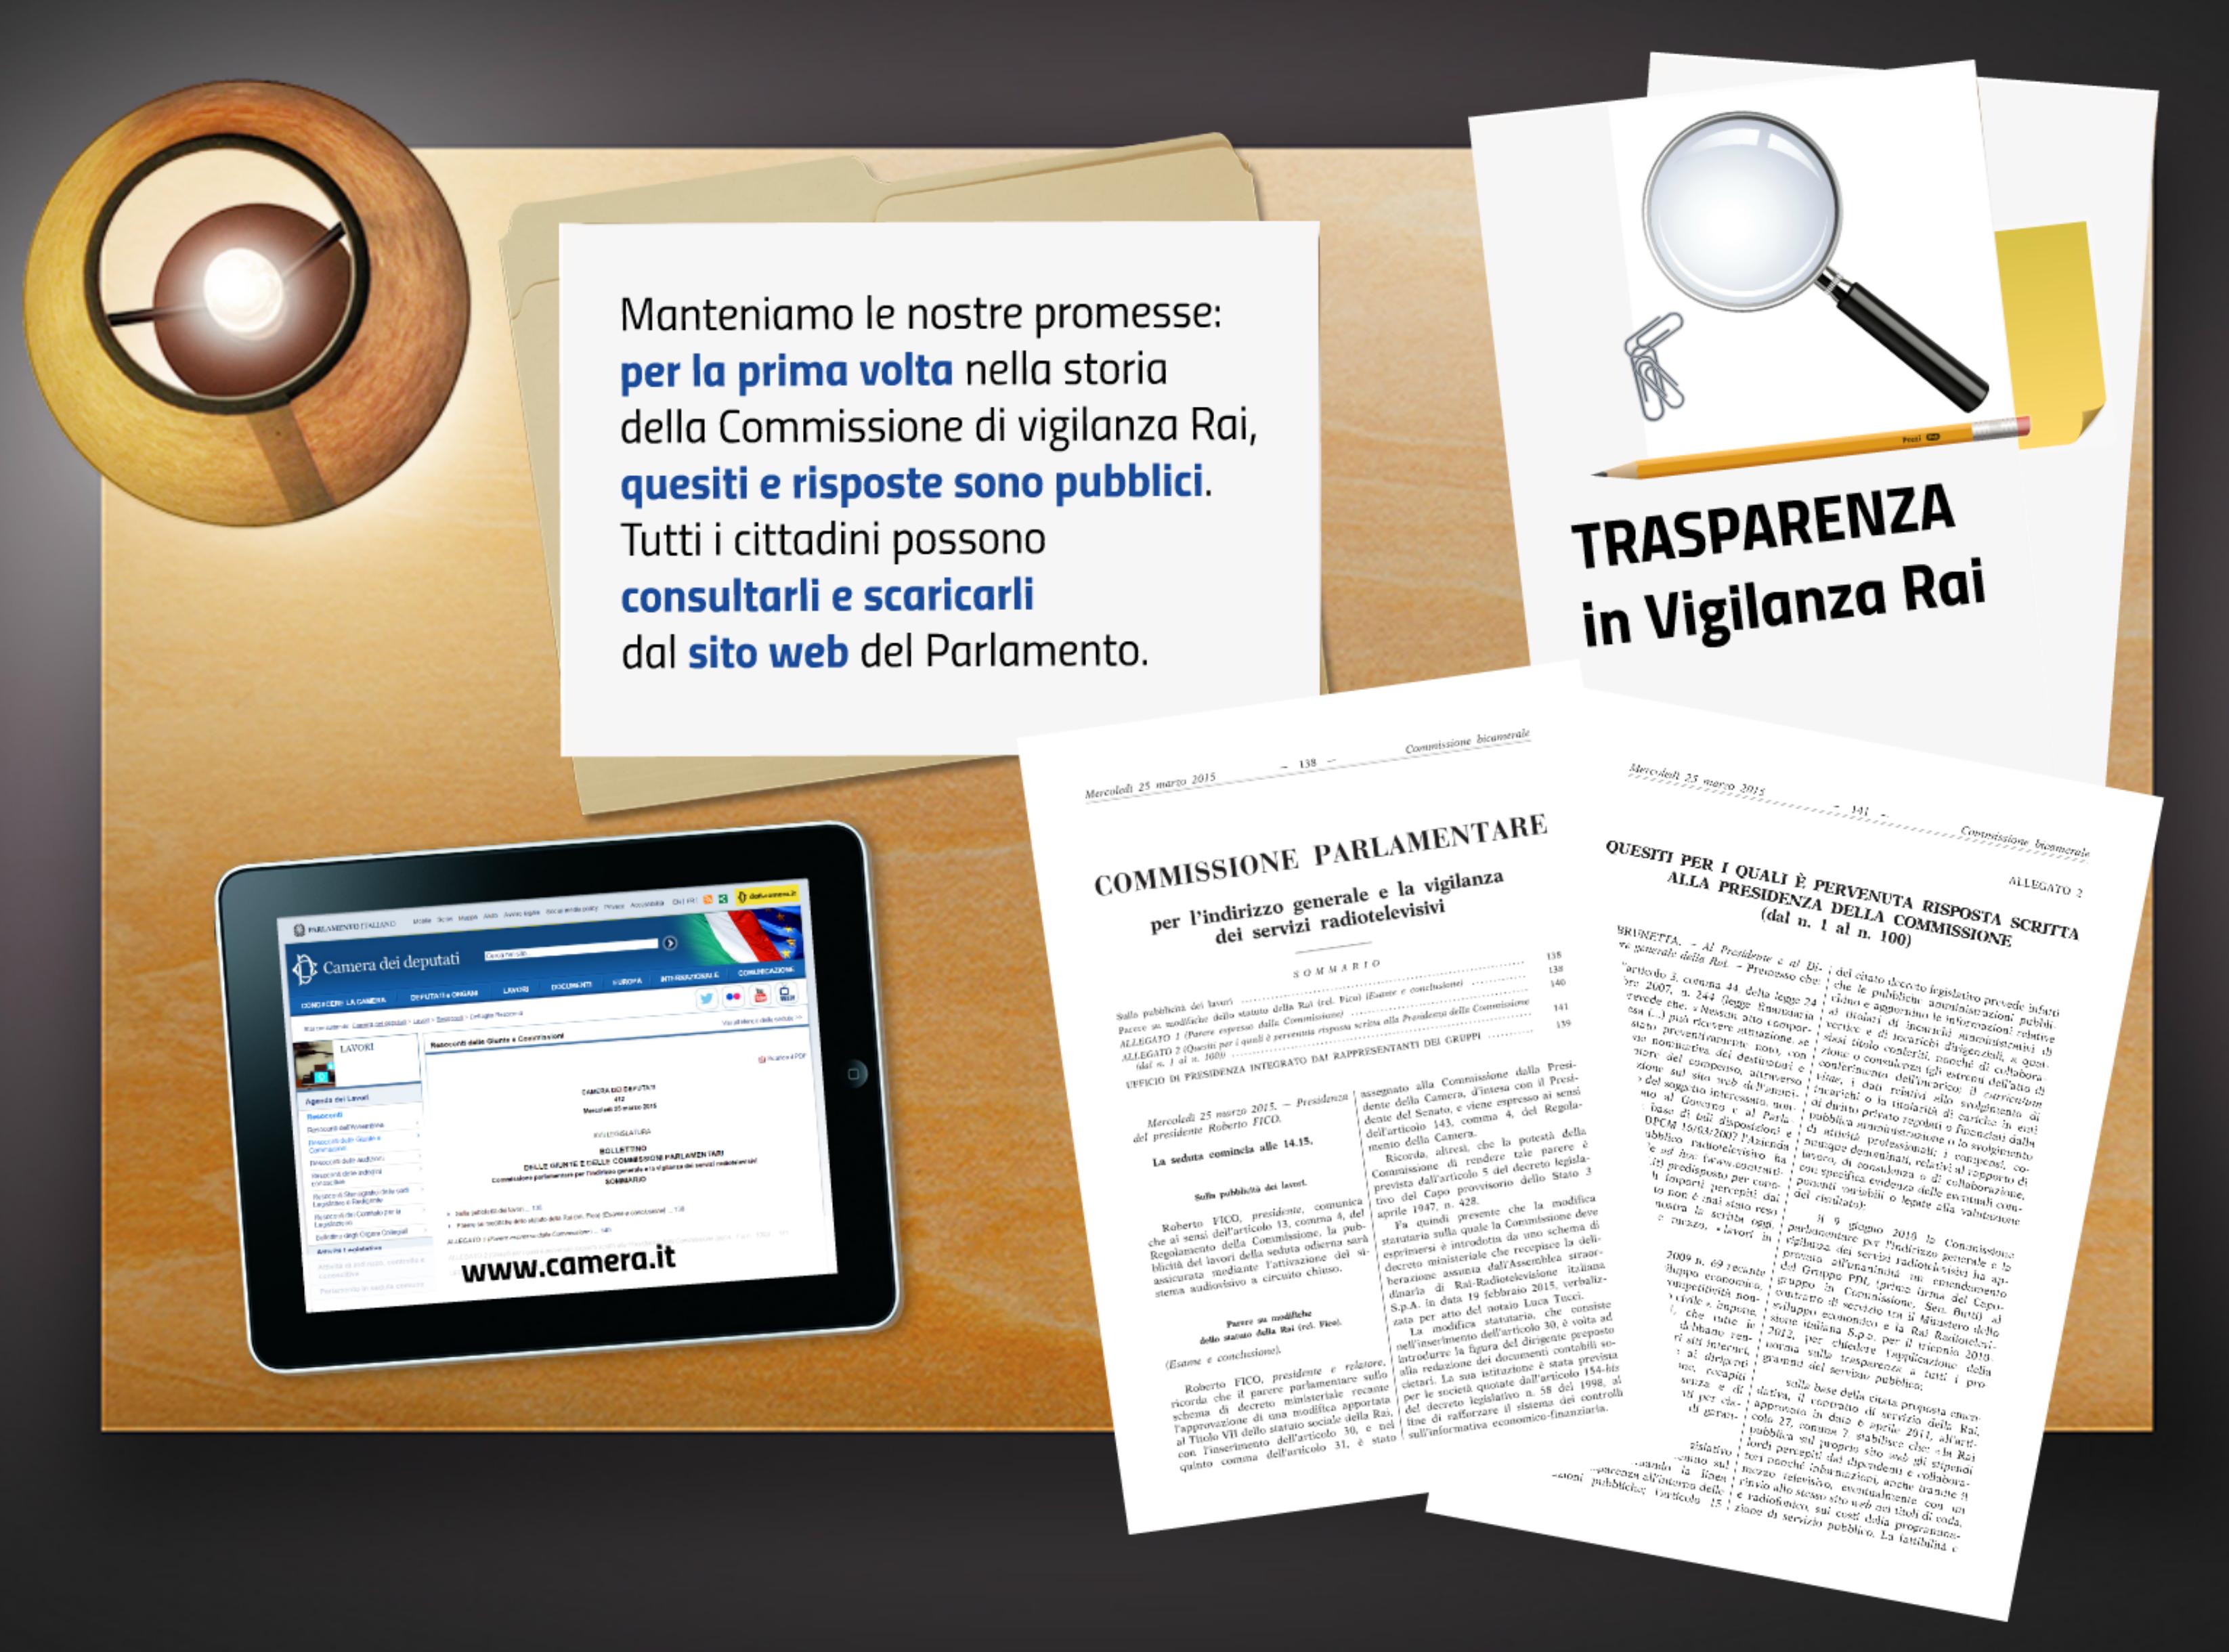 trasparenza_vigilanza